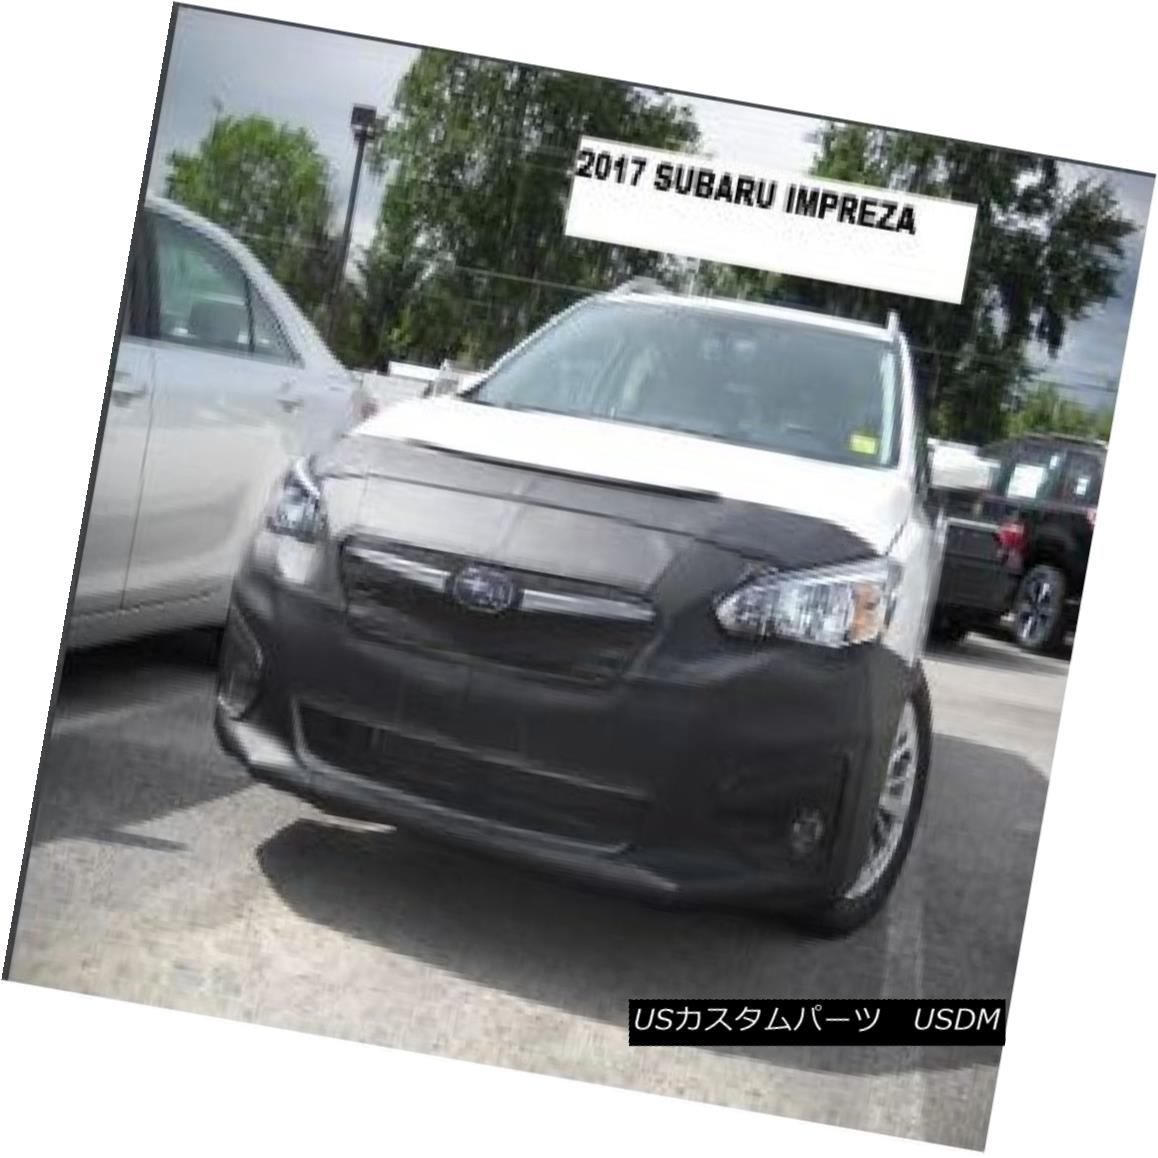 フルブラ ノーズブラ Lebra Front End Mask Cover Bra Fits Subaru Impreza 2017-2018 17-18 LebraフロントエンドマスクカバーブラはSubaru Impreza 2017-2018 17-18に適合